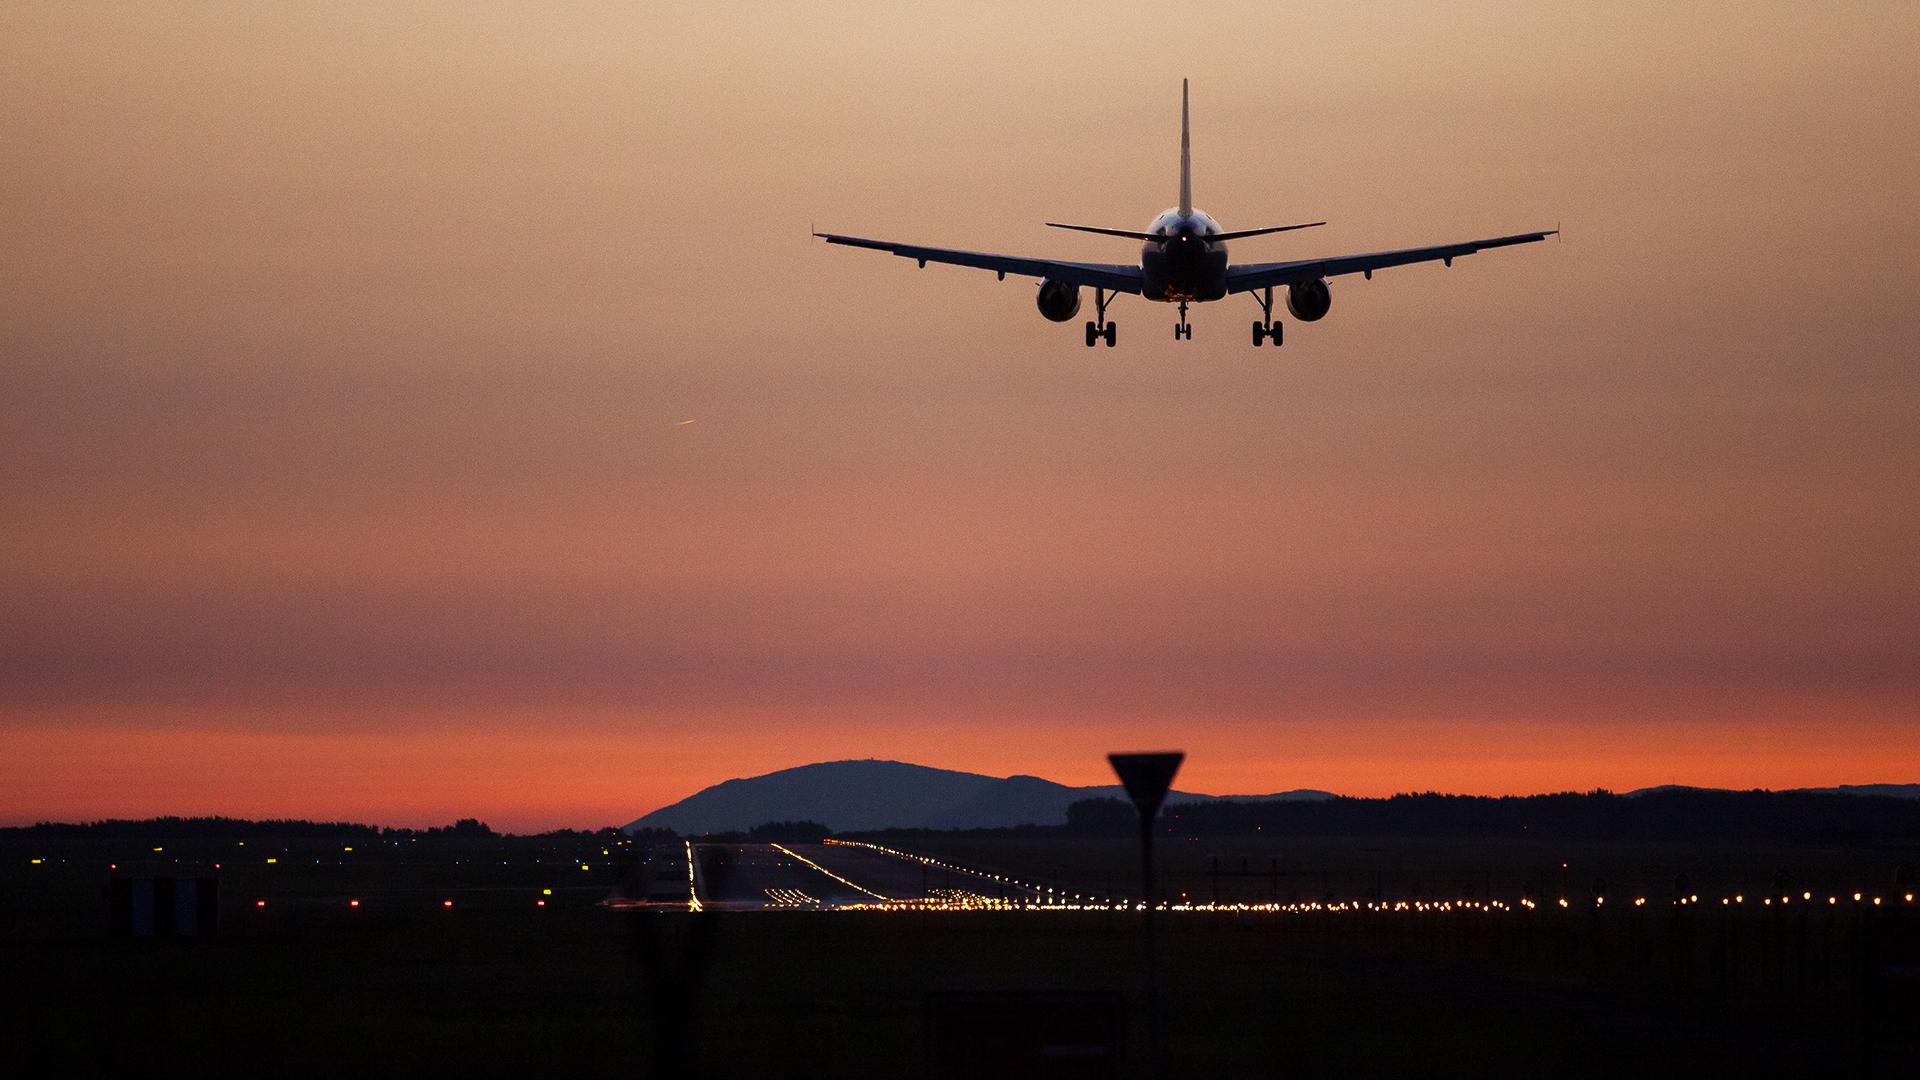 Megszívhatják a reptérről való hazajutással a kijárási tilalom miatt